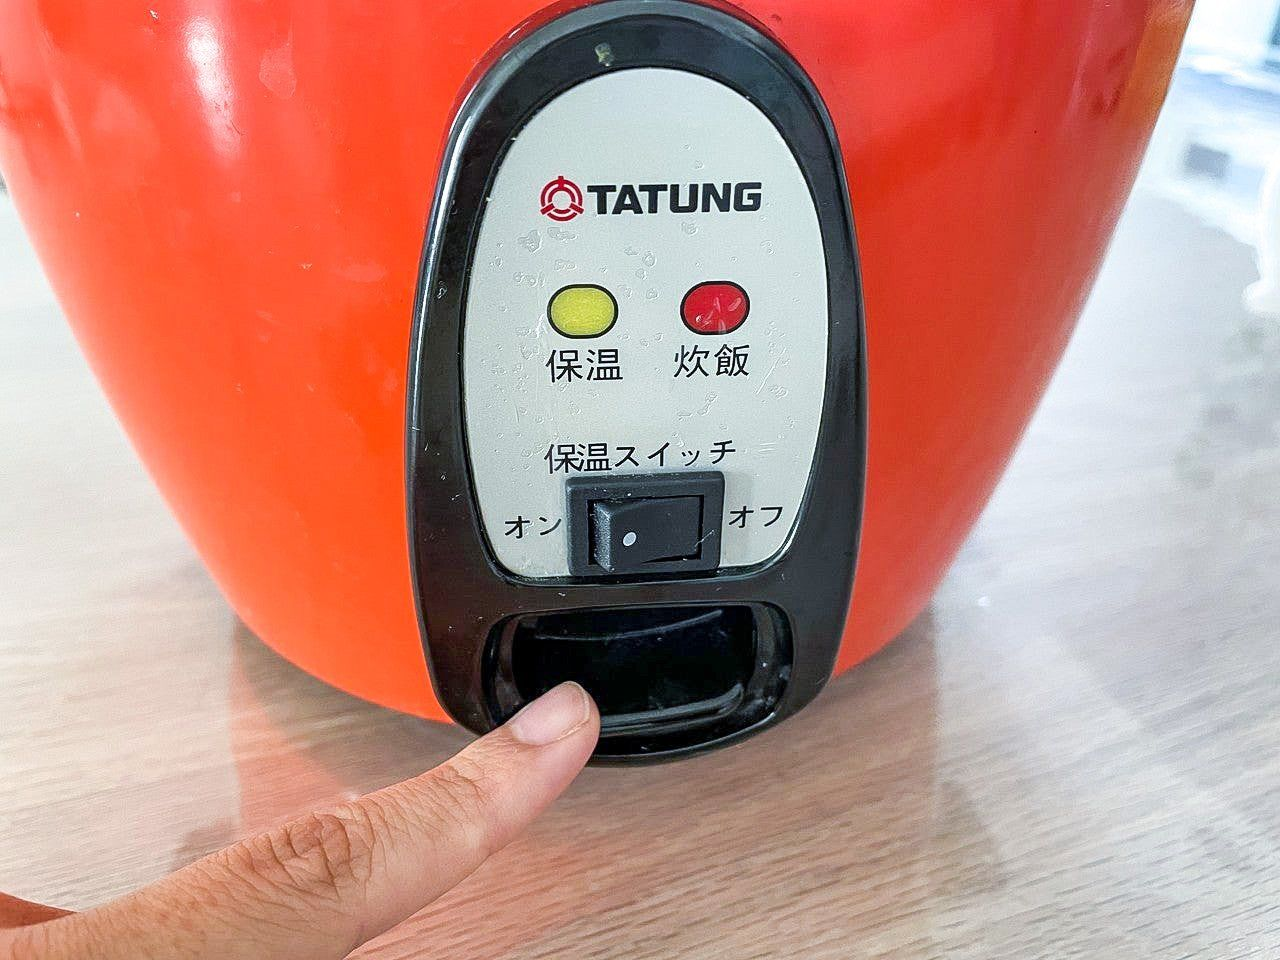 スイッチを押す。電源のオンオフと保温の切り替えボタンのみ